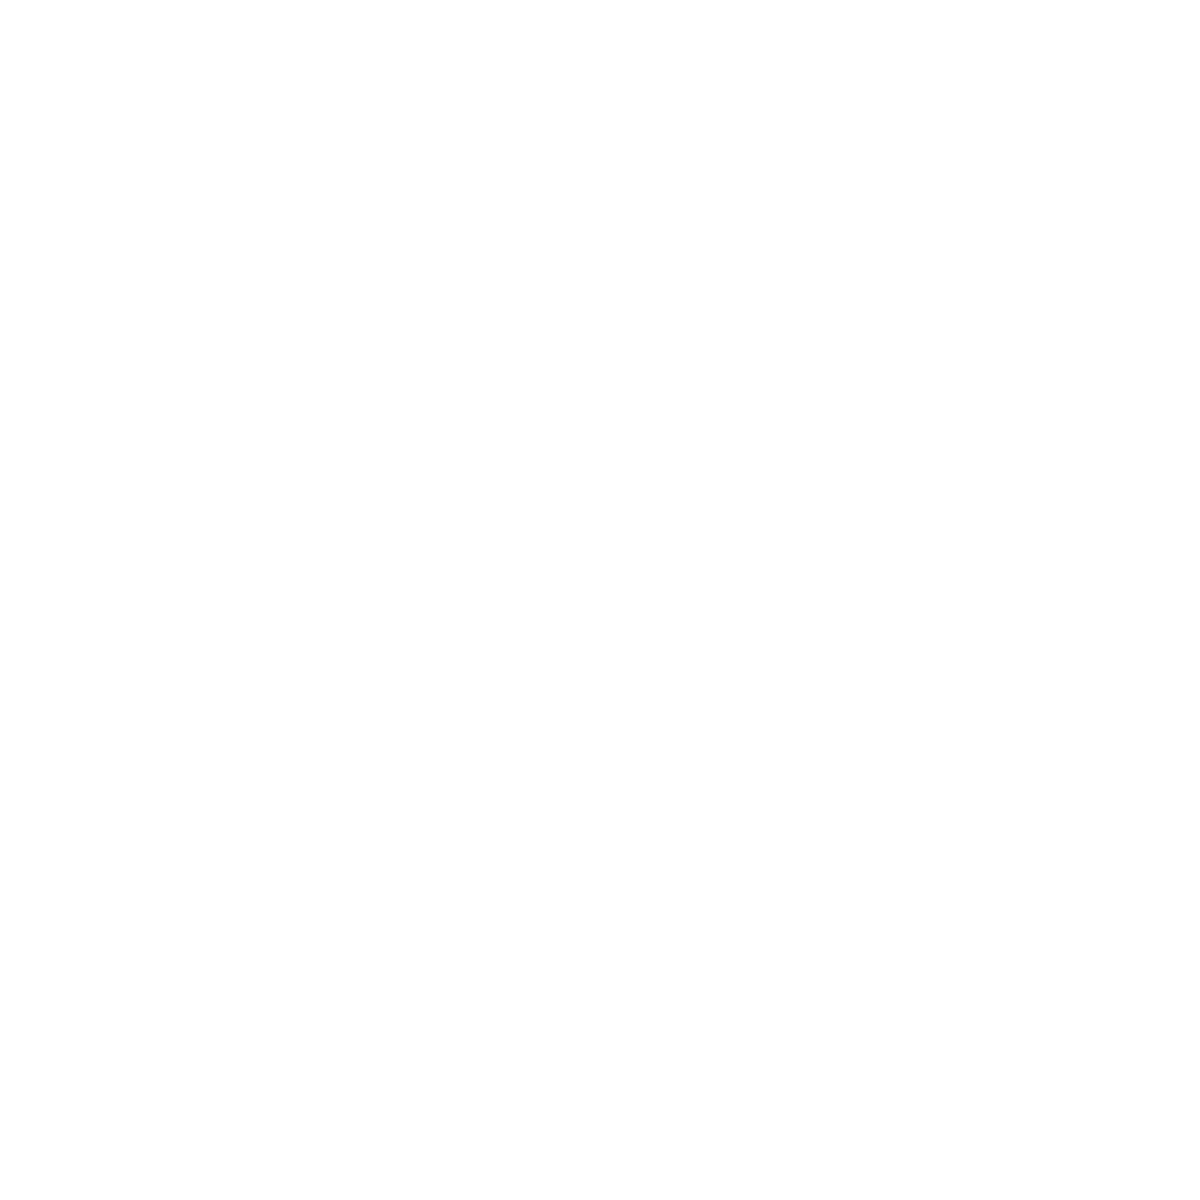 B2B-Logos-White_0014_Red-Bull-logo.png